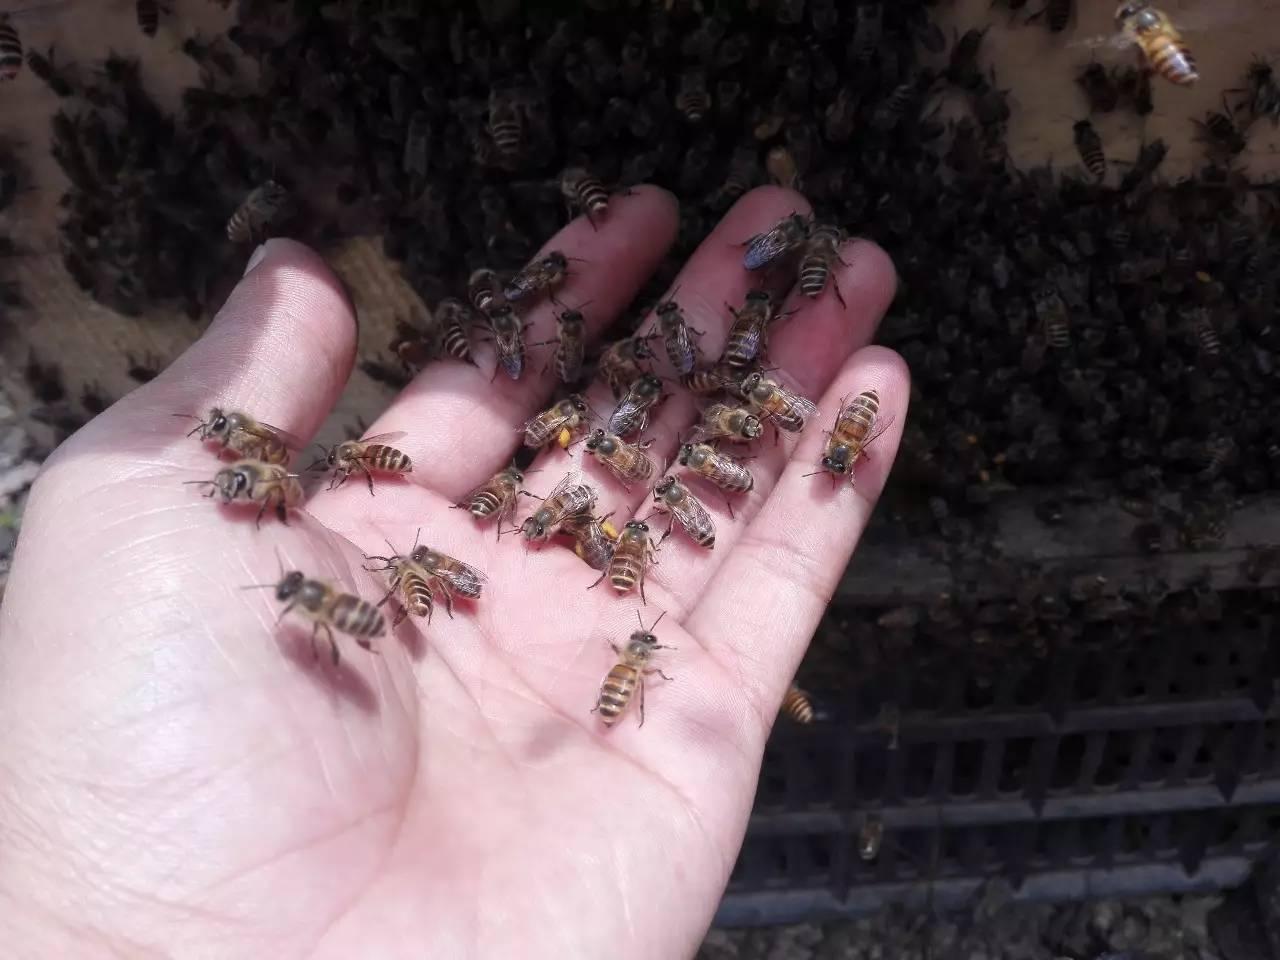 中蜂 蜜蜂敌害 蜂桶蜂蜜 蜂蜜发胖 中蜂蜜